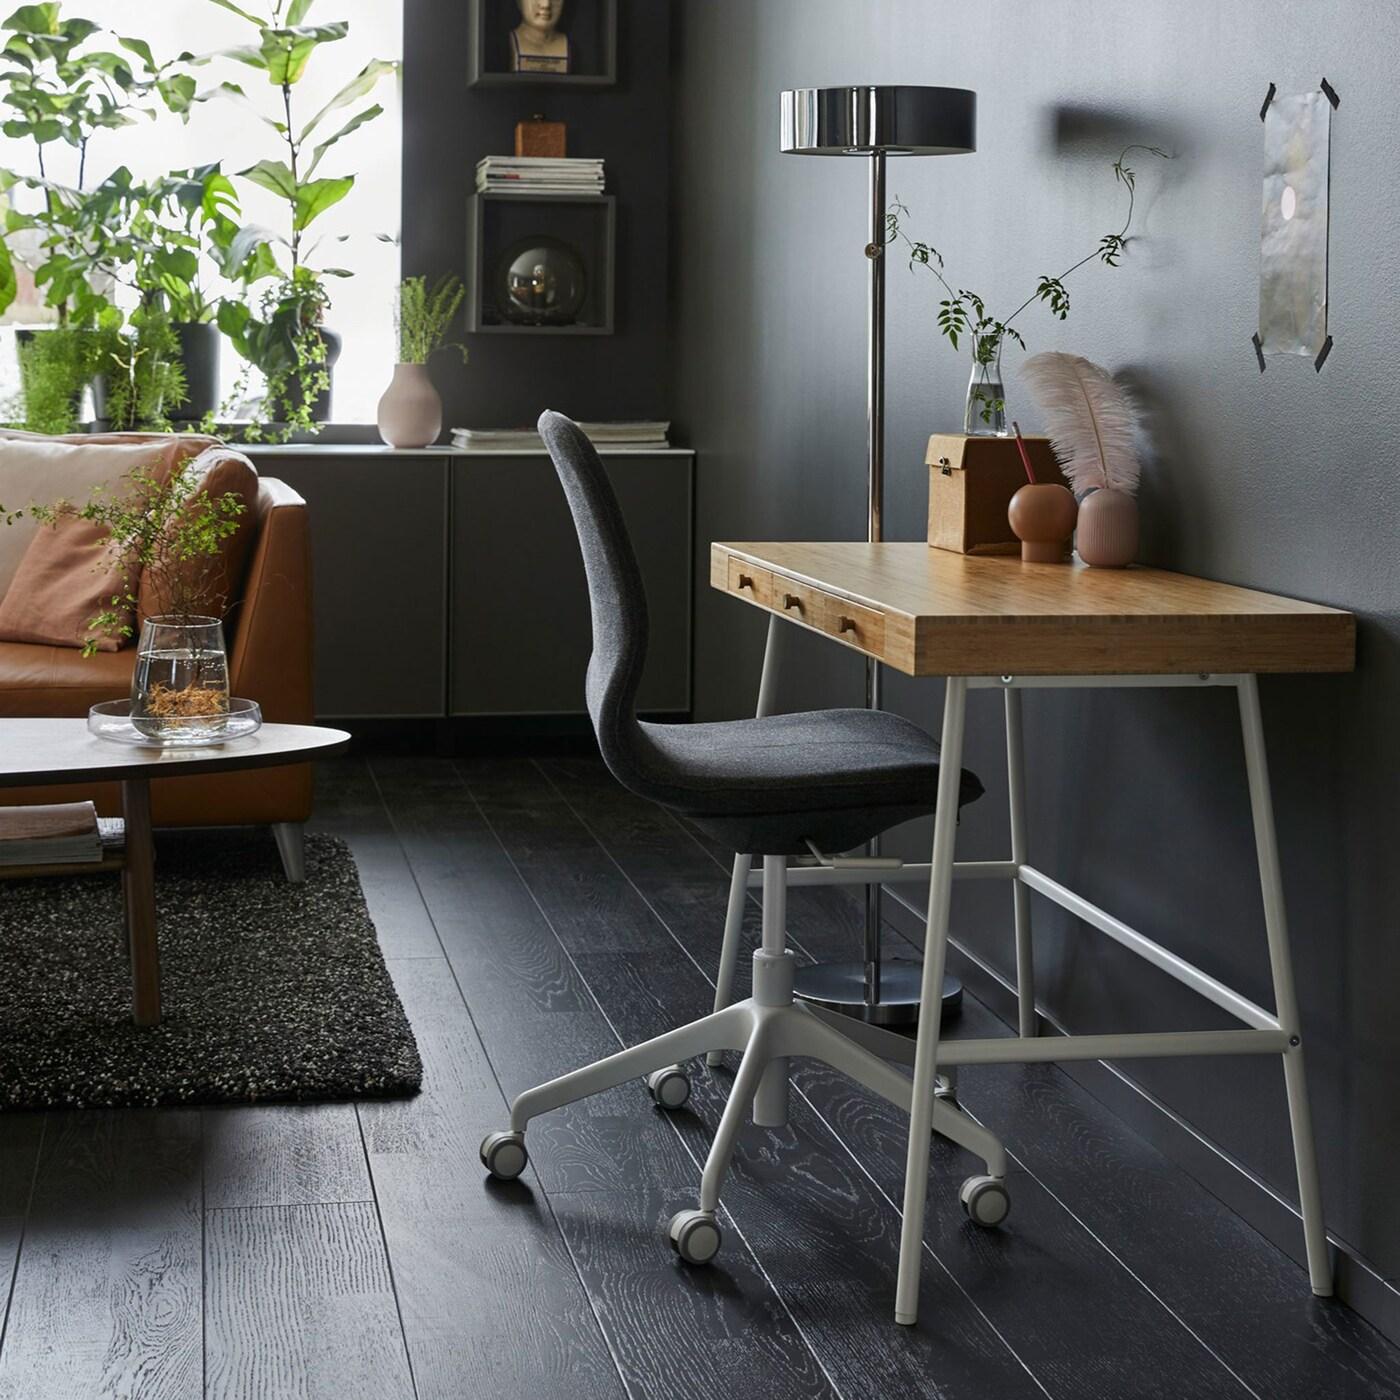 Kleiner LILLÅSEN Schreibtisch in Bambus im Wohnzimmer vor einer Wand in Dunkelgrau